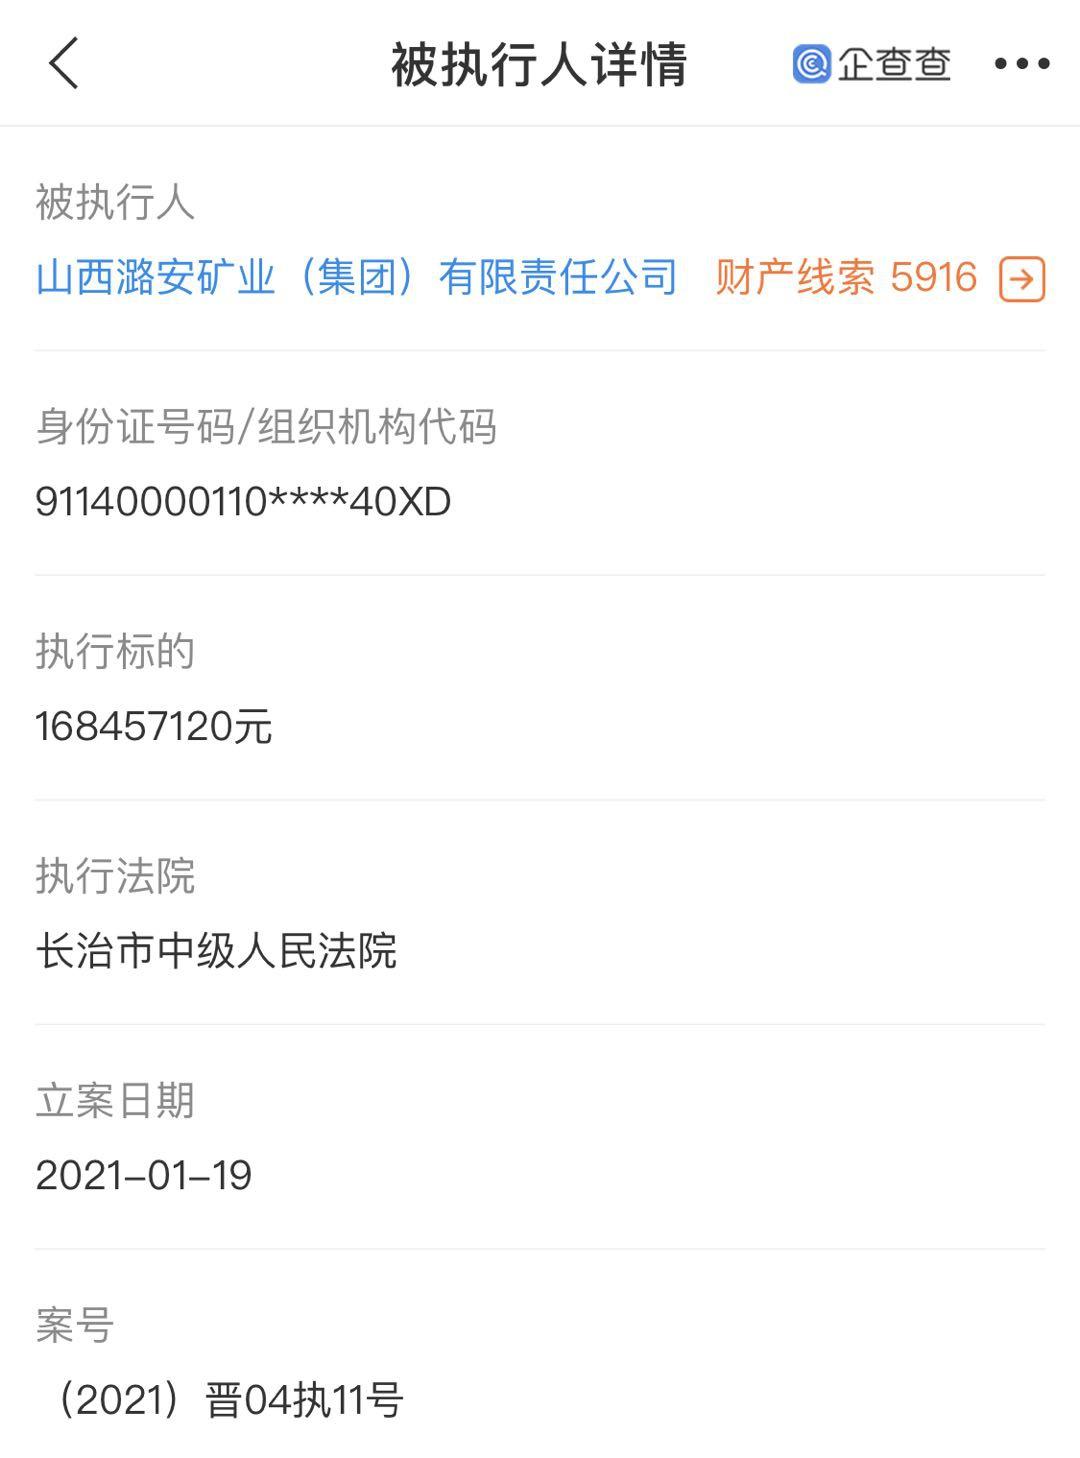 山西潞安矿业成被执行人,执行标的约1.68亿元